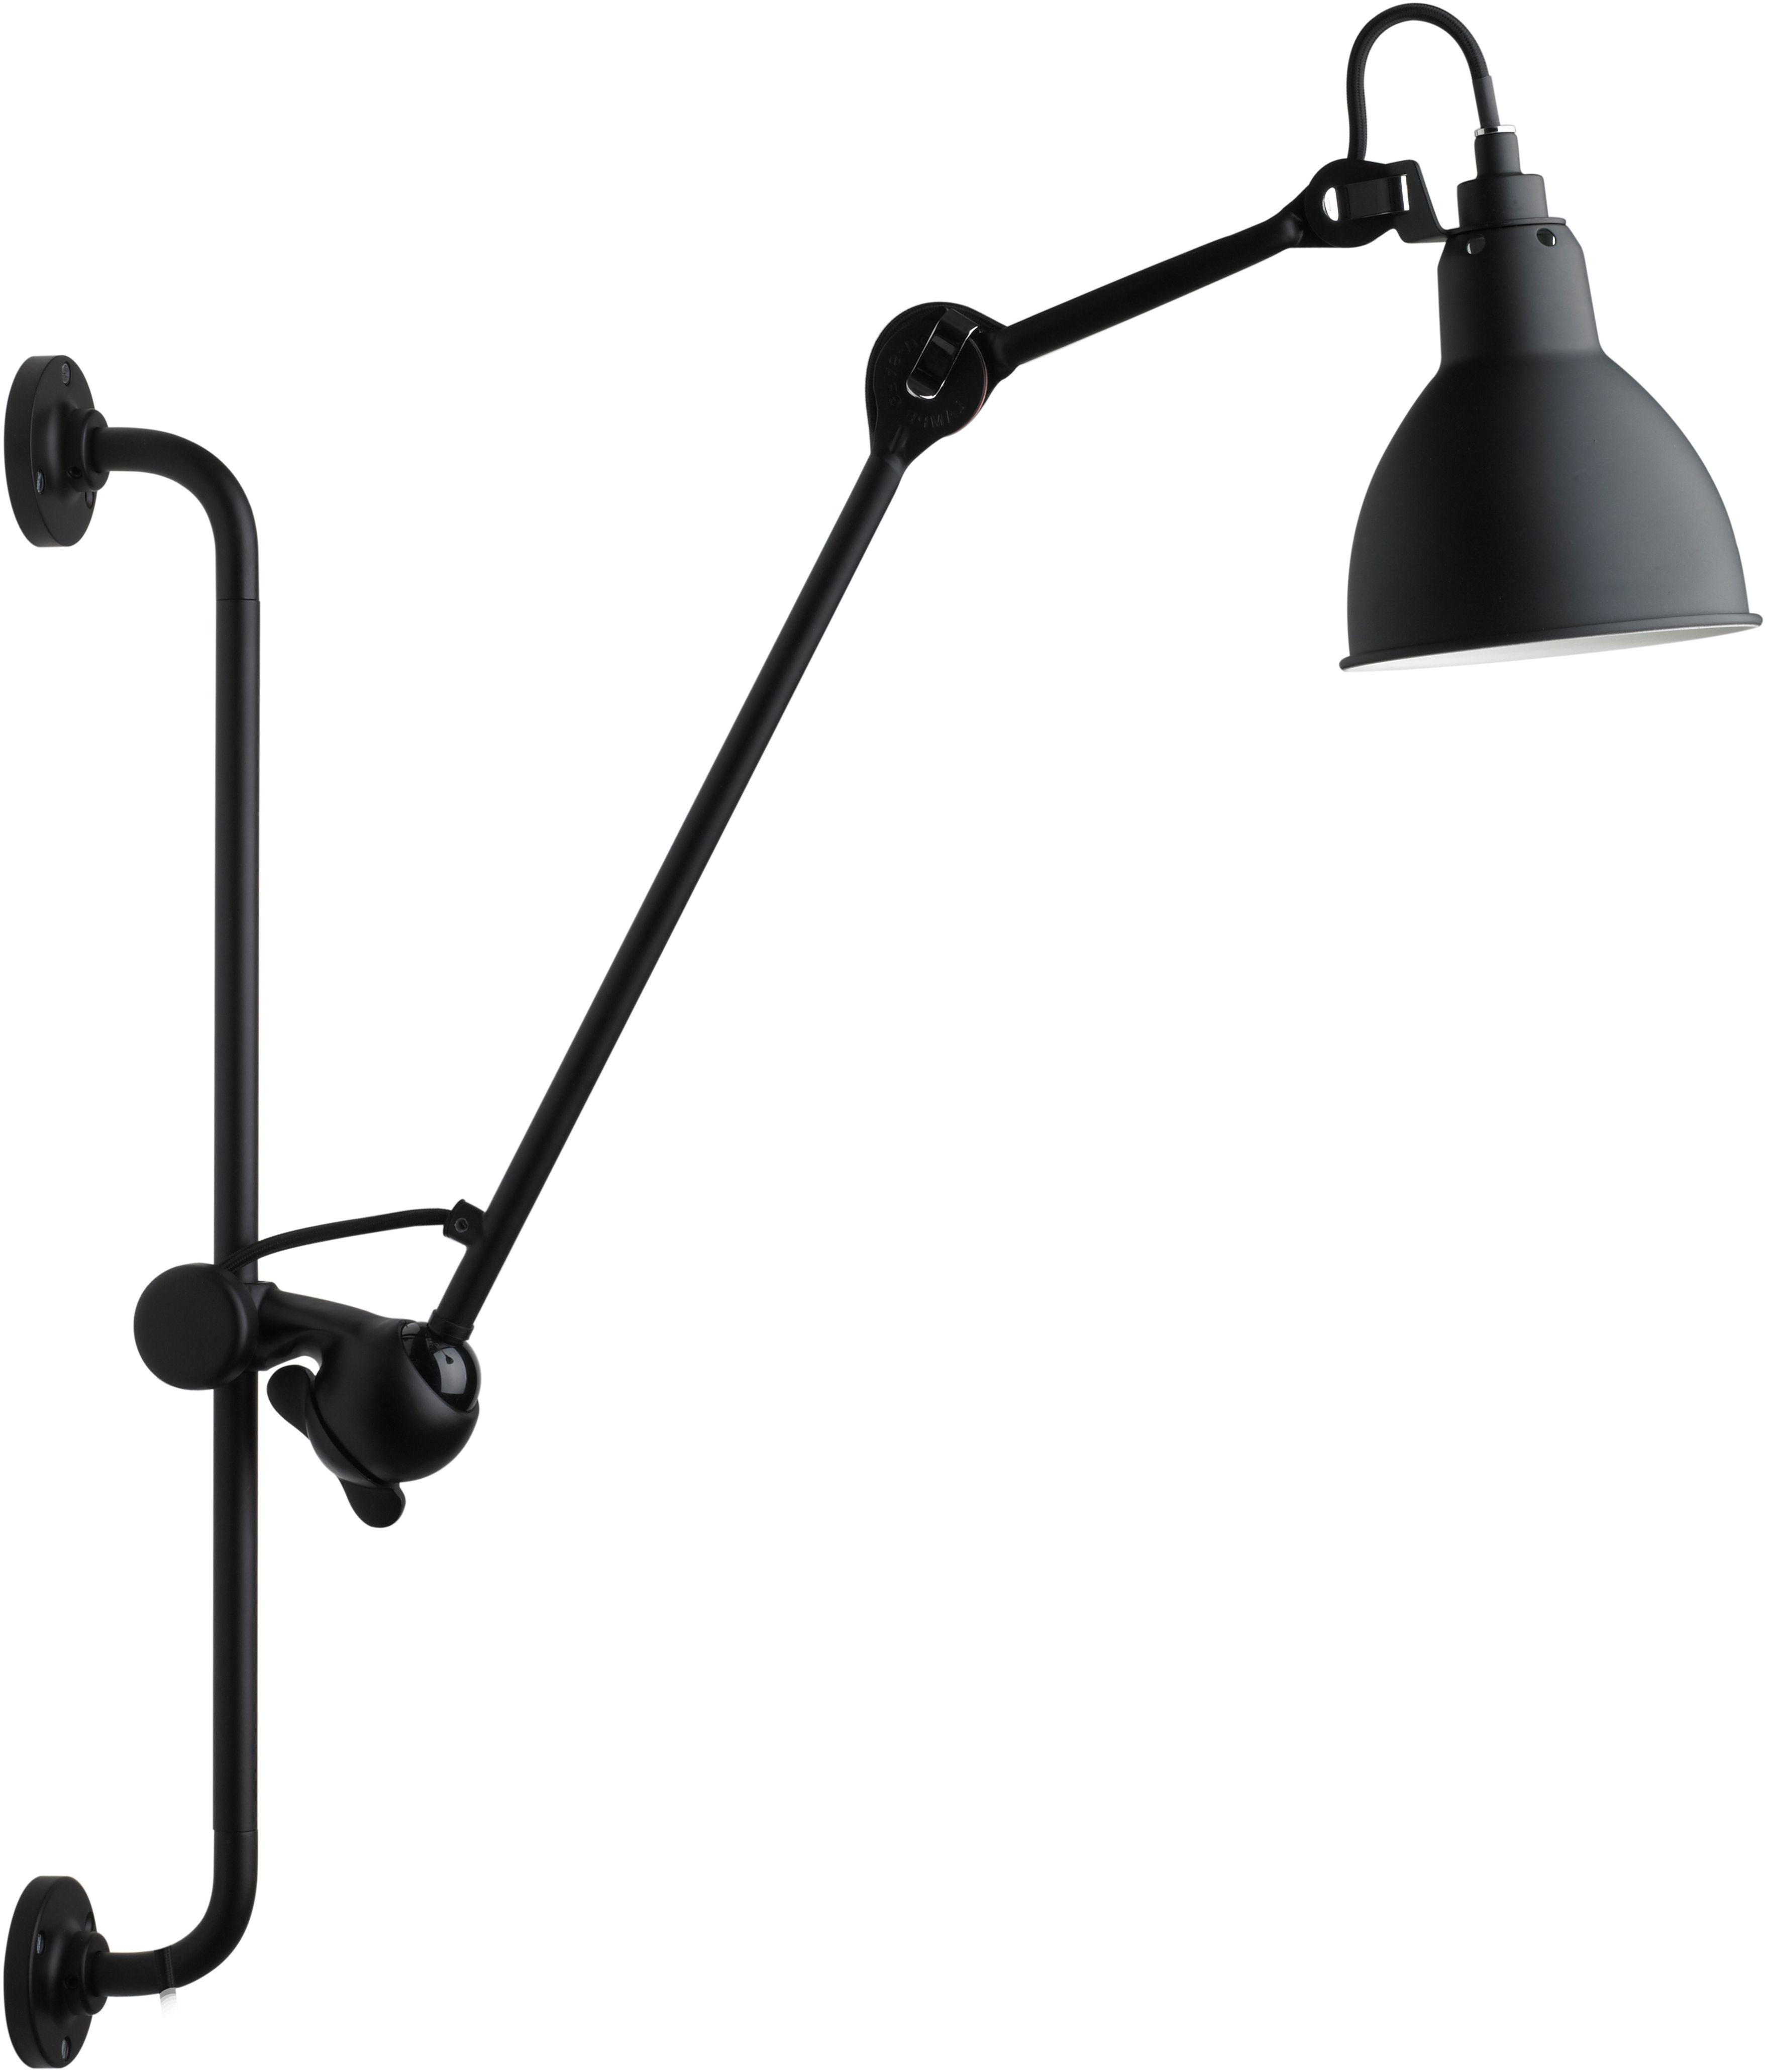 scopri applique n 210 nero satinato di gras made in design italia. Black Bedroom Furniture Sets. Home Design Ideas